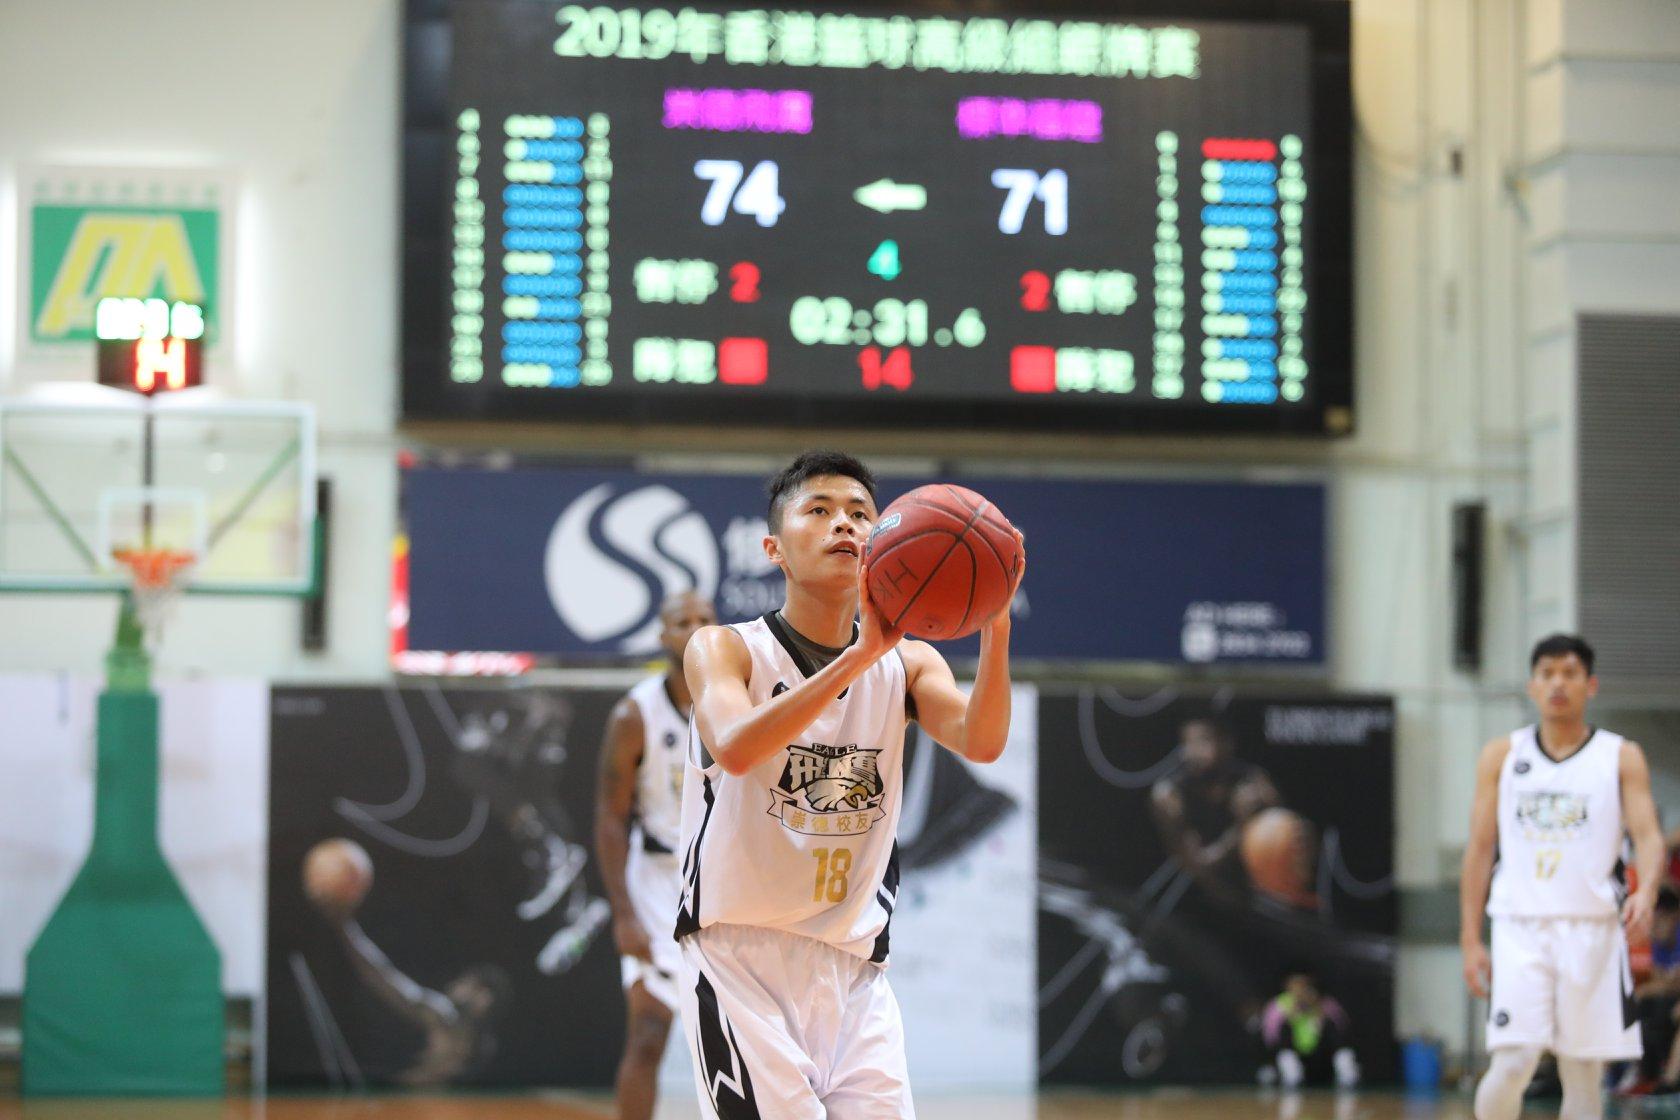 重整旗鼓-專心備戰-011-Eagle-Basketball-崇德飛鷹